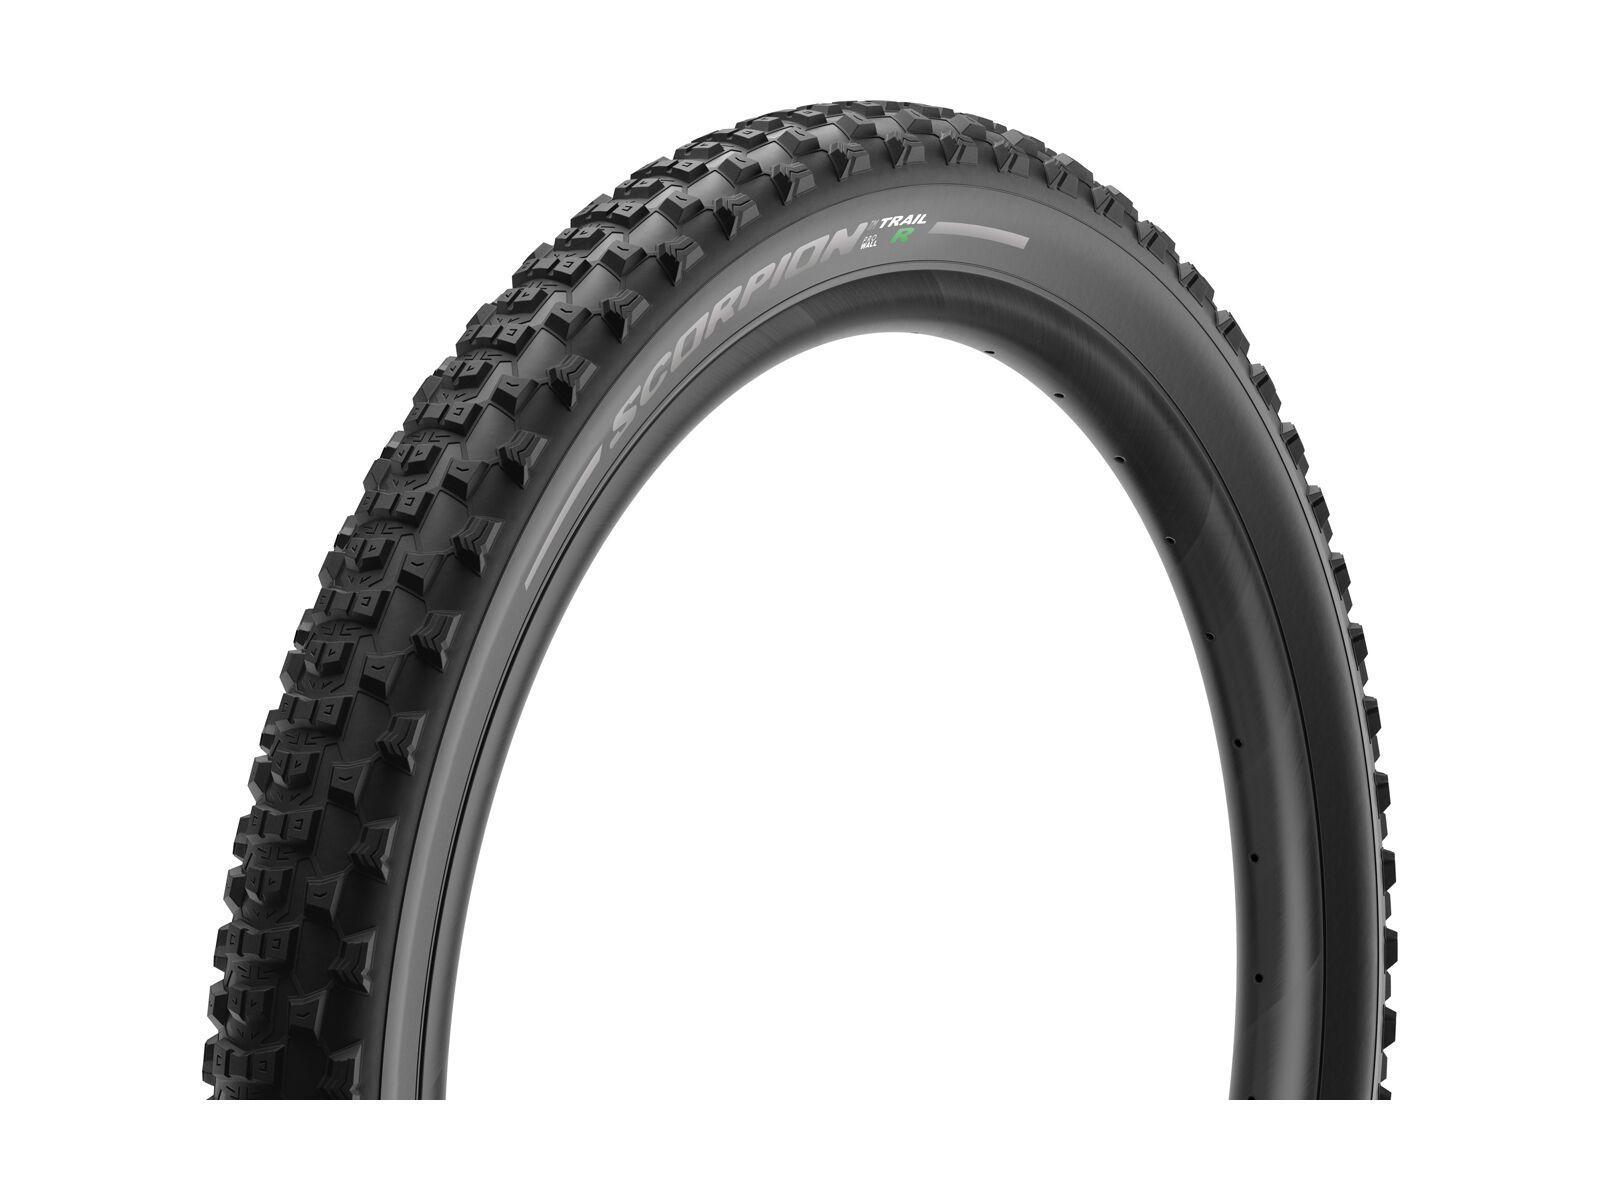 Pirelli Scorpion Trail R ProWall - 29 Zoll 29x2.4 335033001